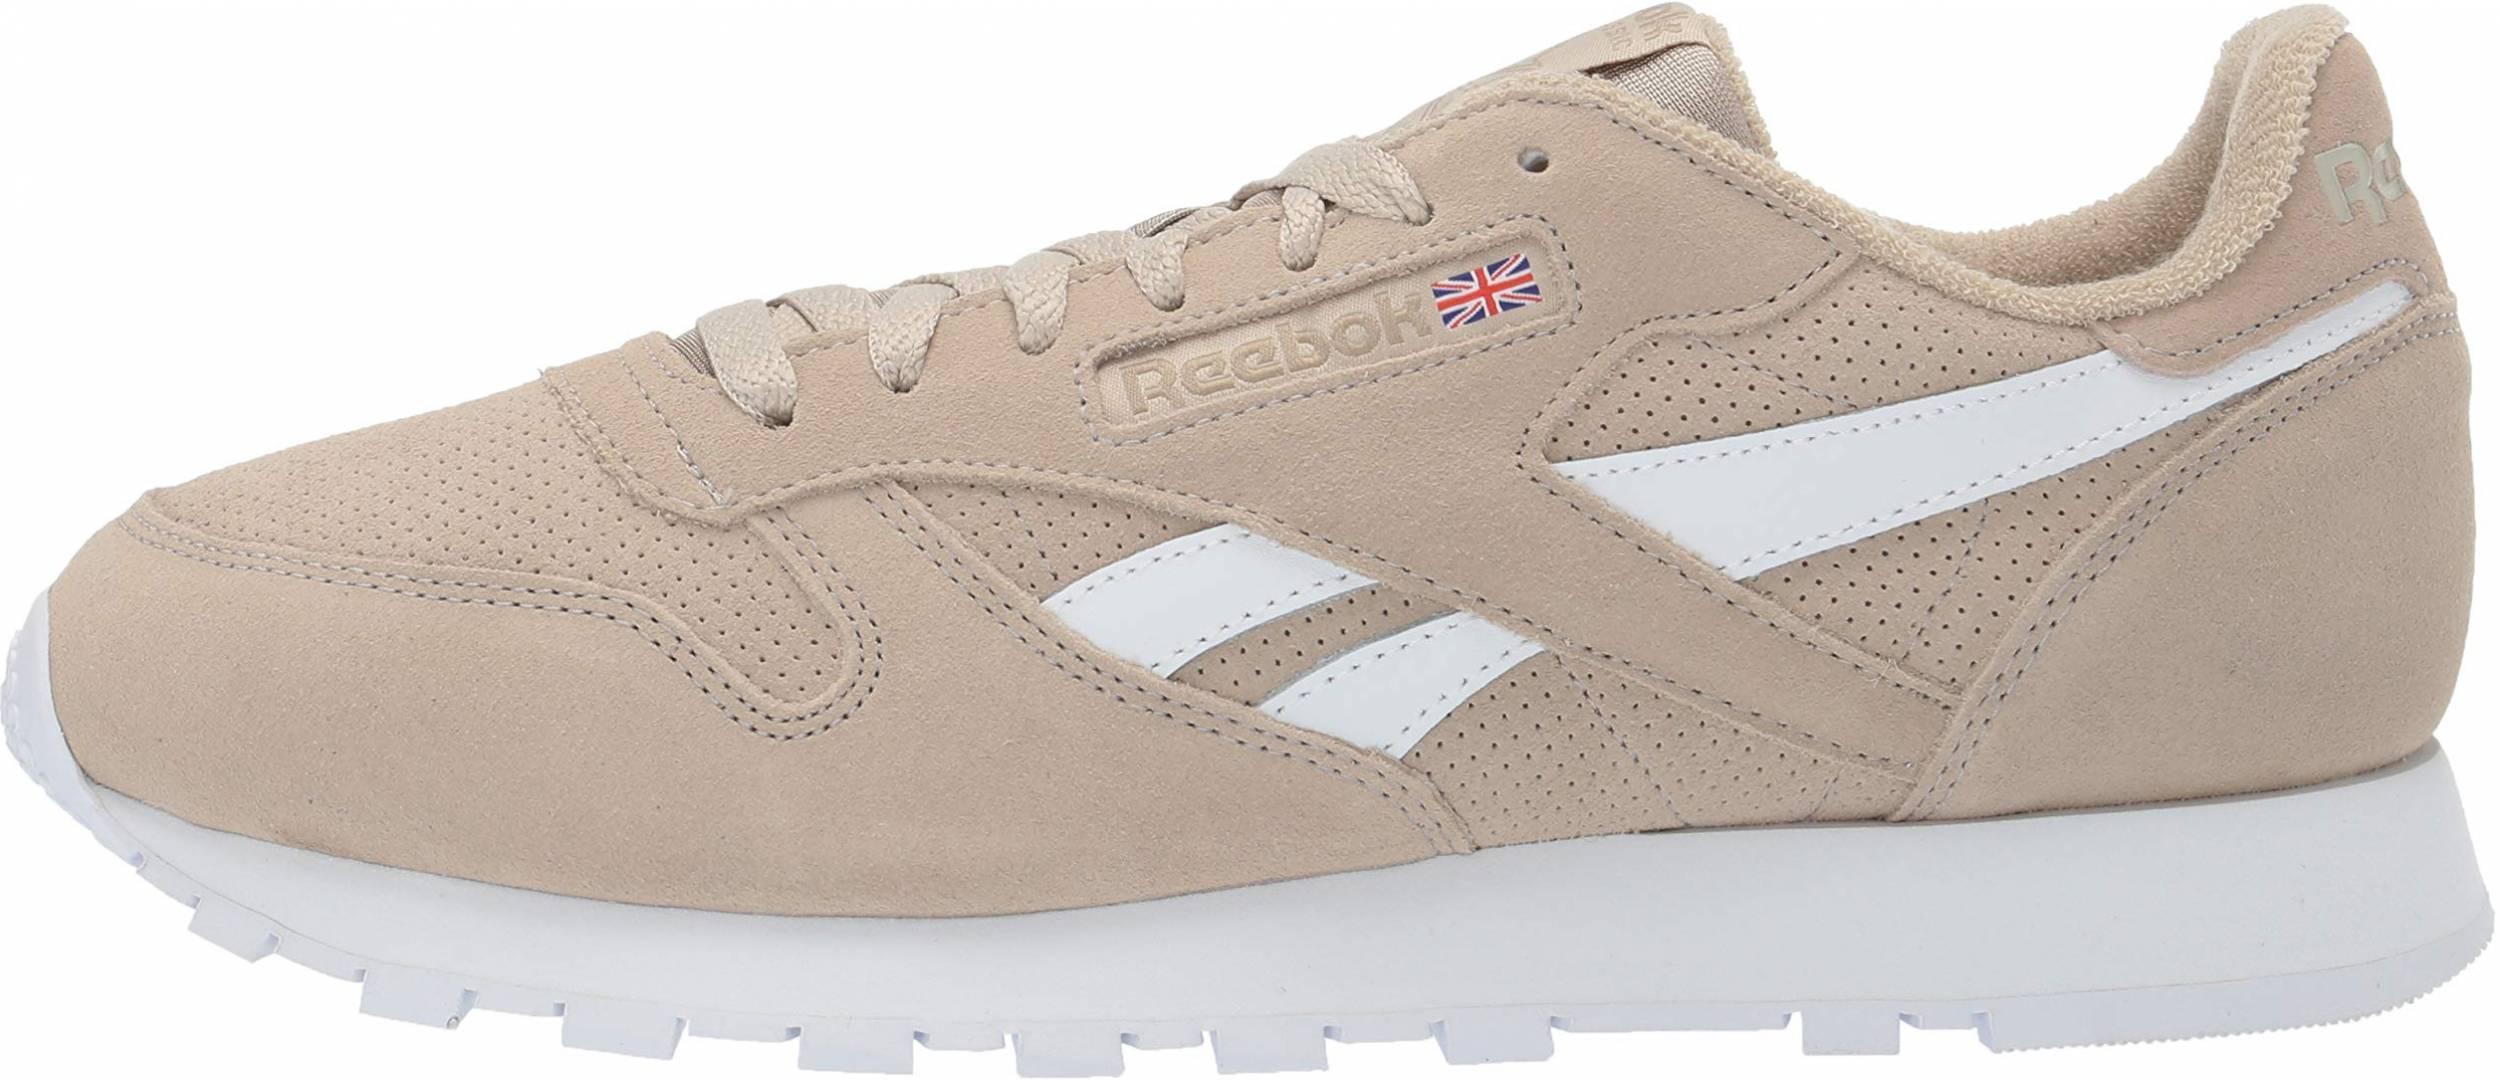 Save 50% on Beige Sneakers (254 Models